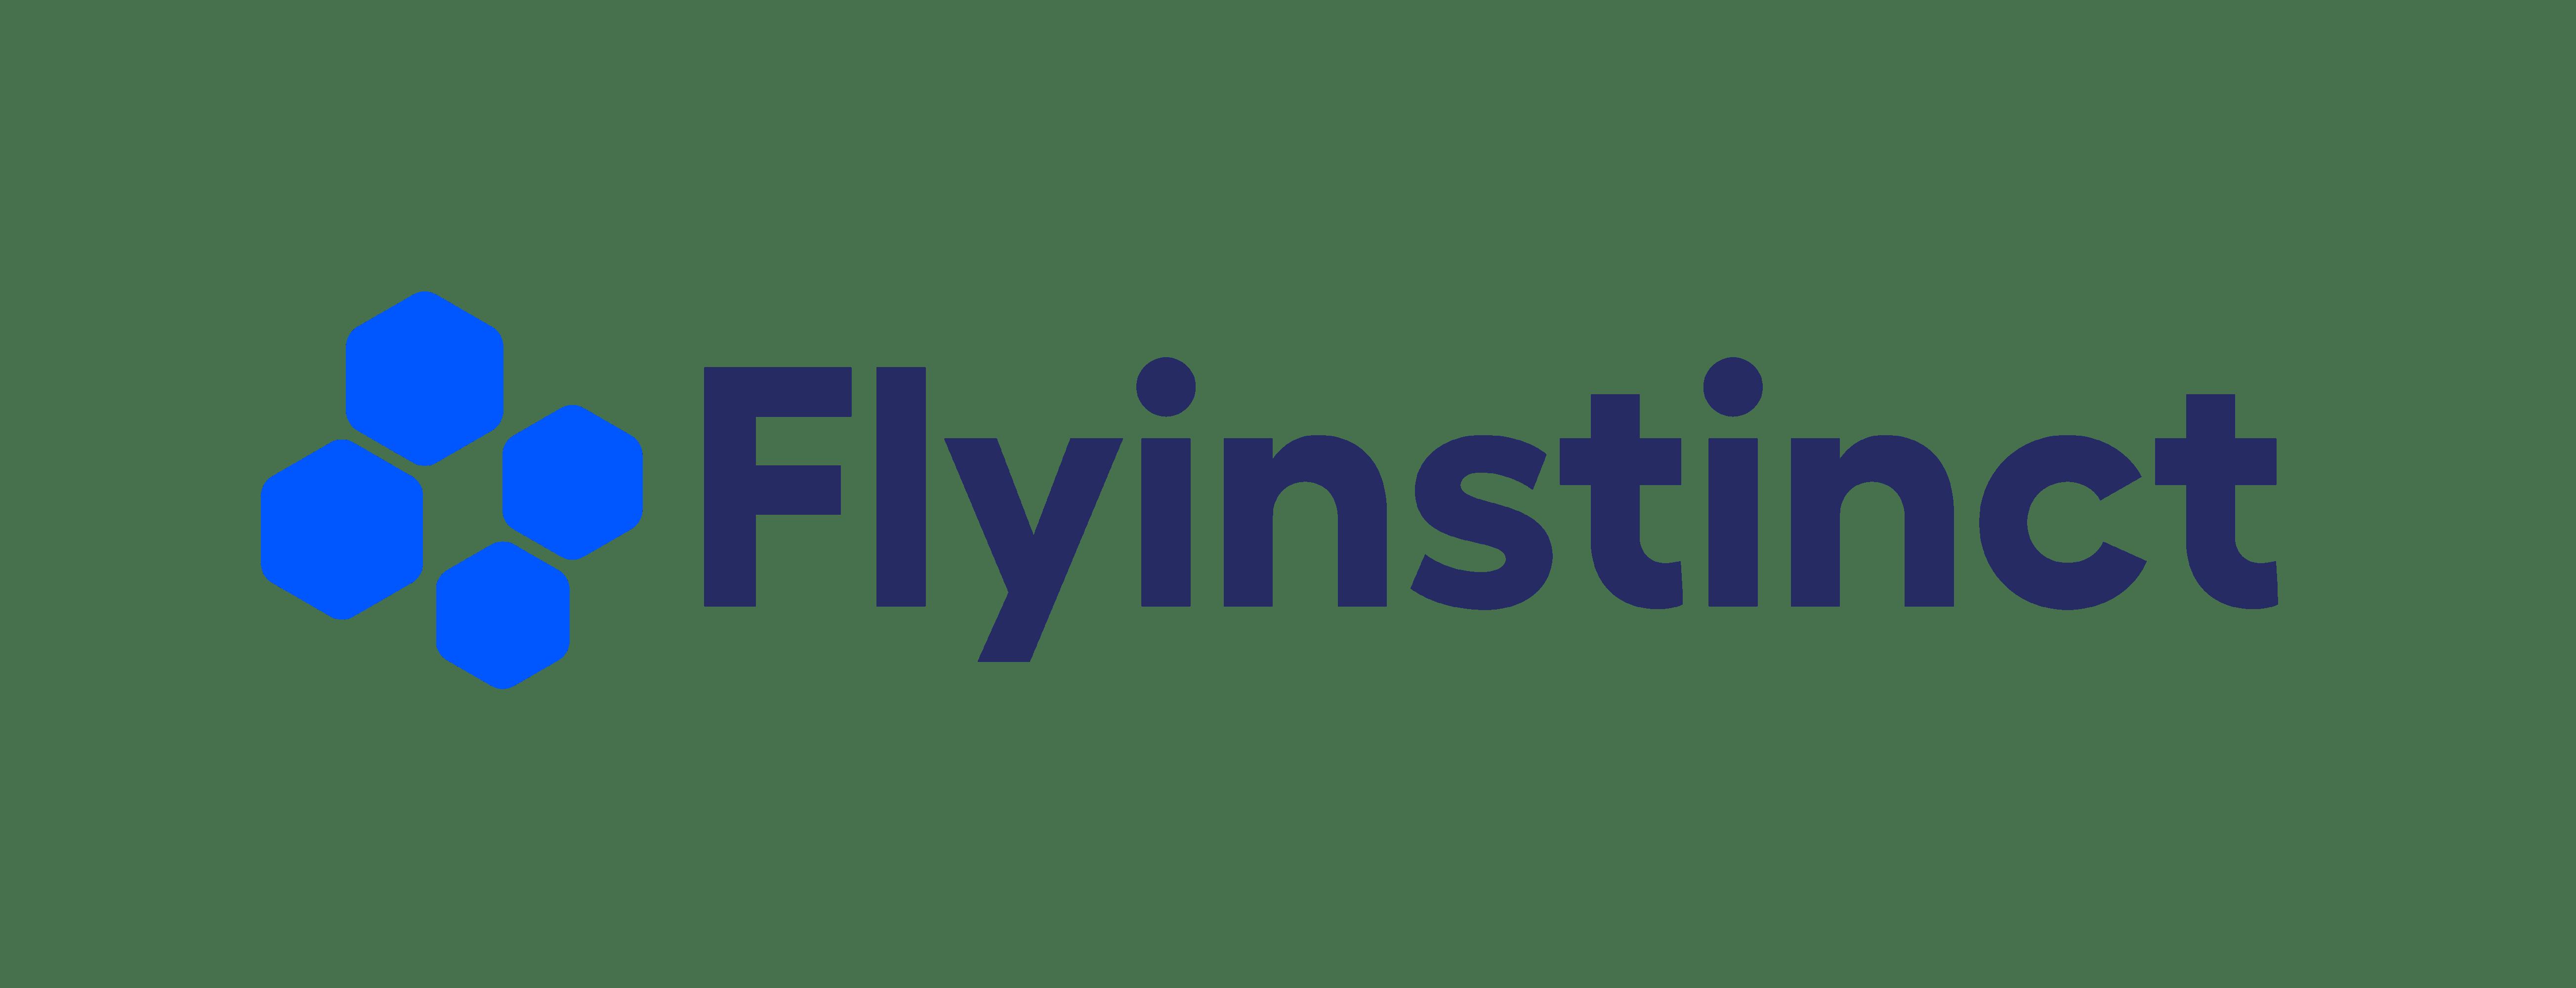 FLYINSTINCT